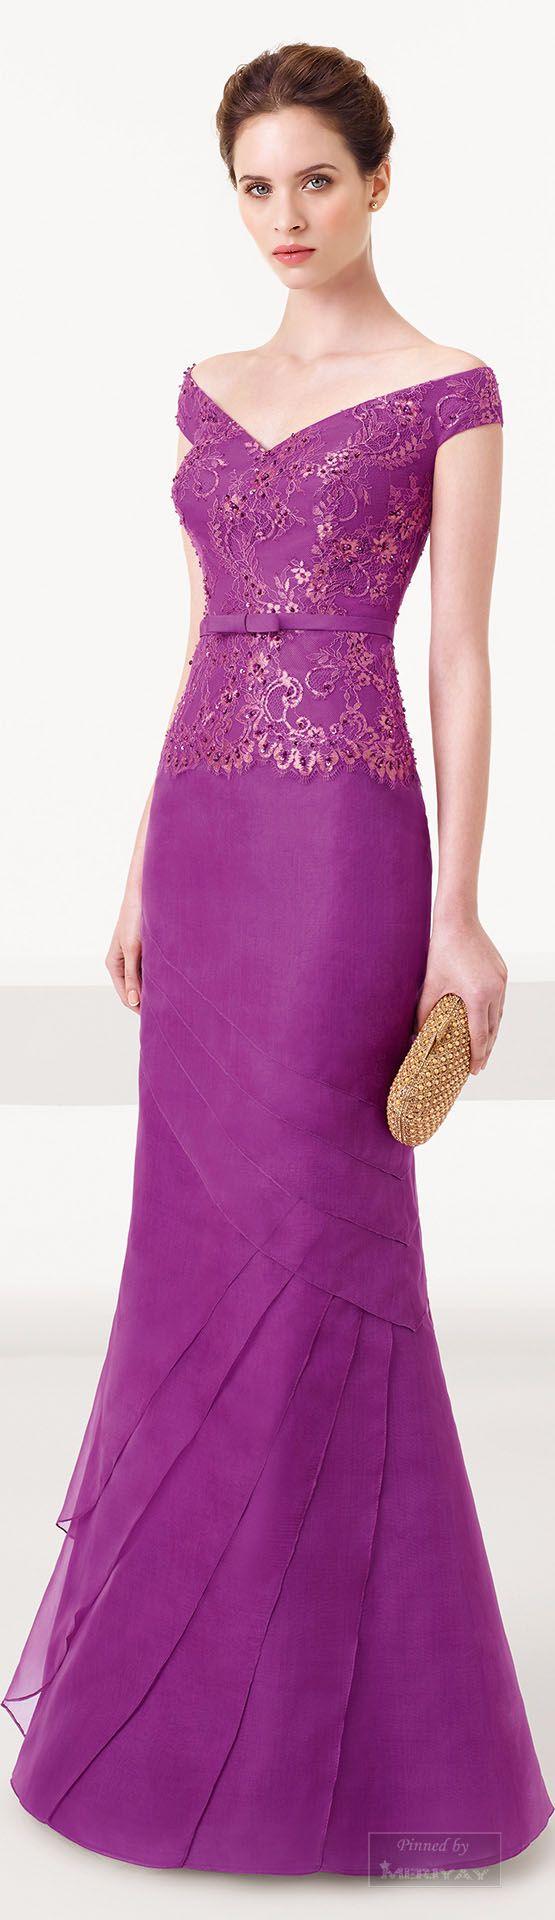 Asombroso Crema De Vestido De Fiesta Inspiración - Vestido de Novia ...